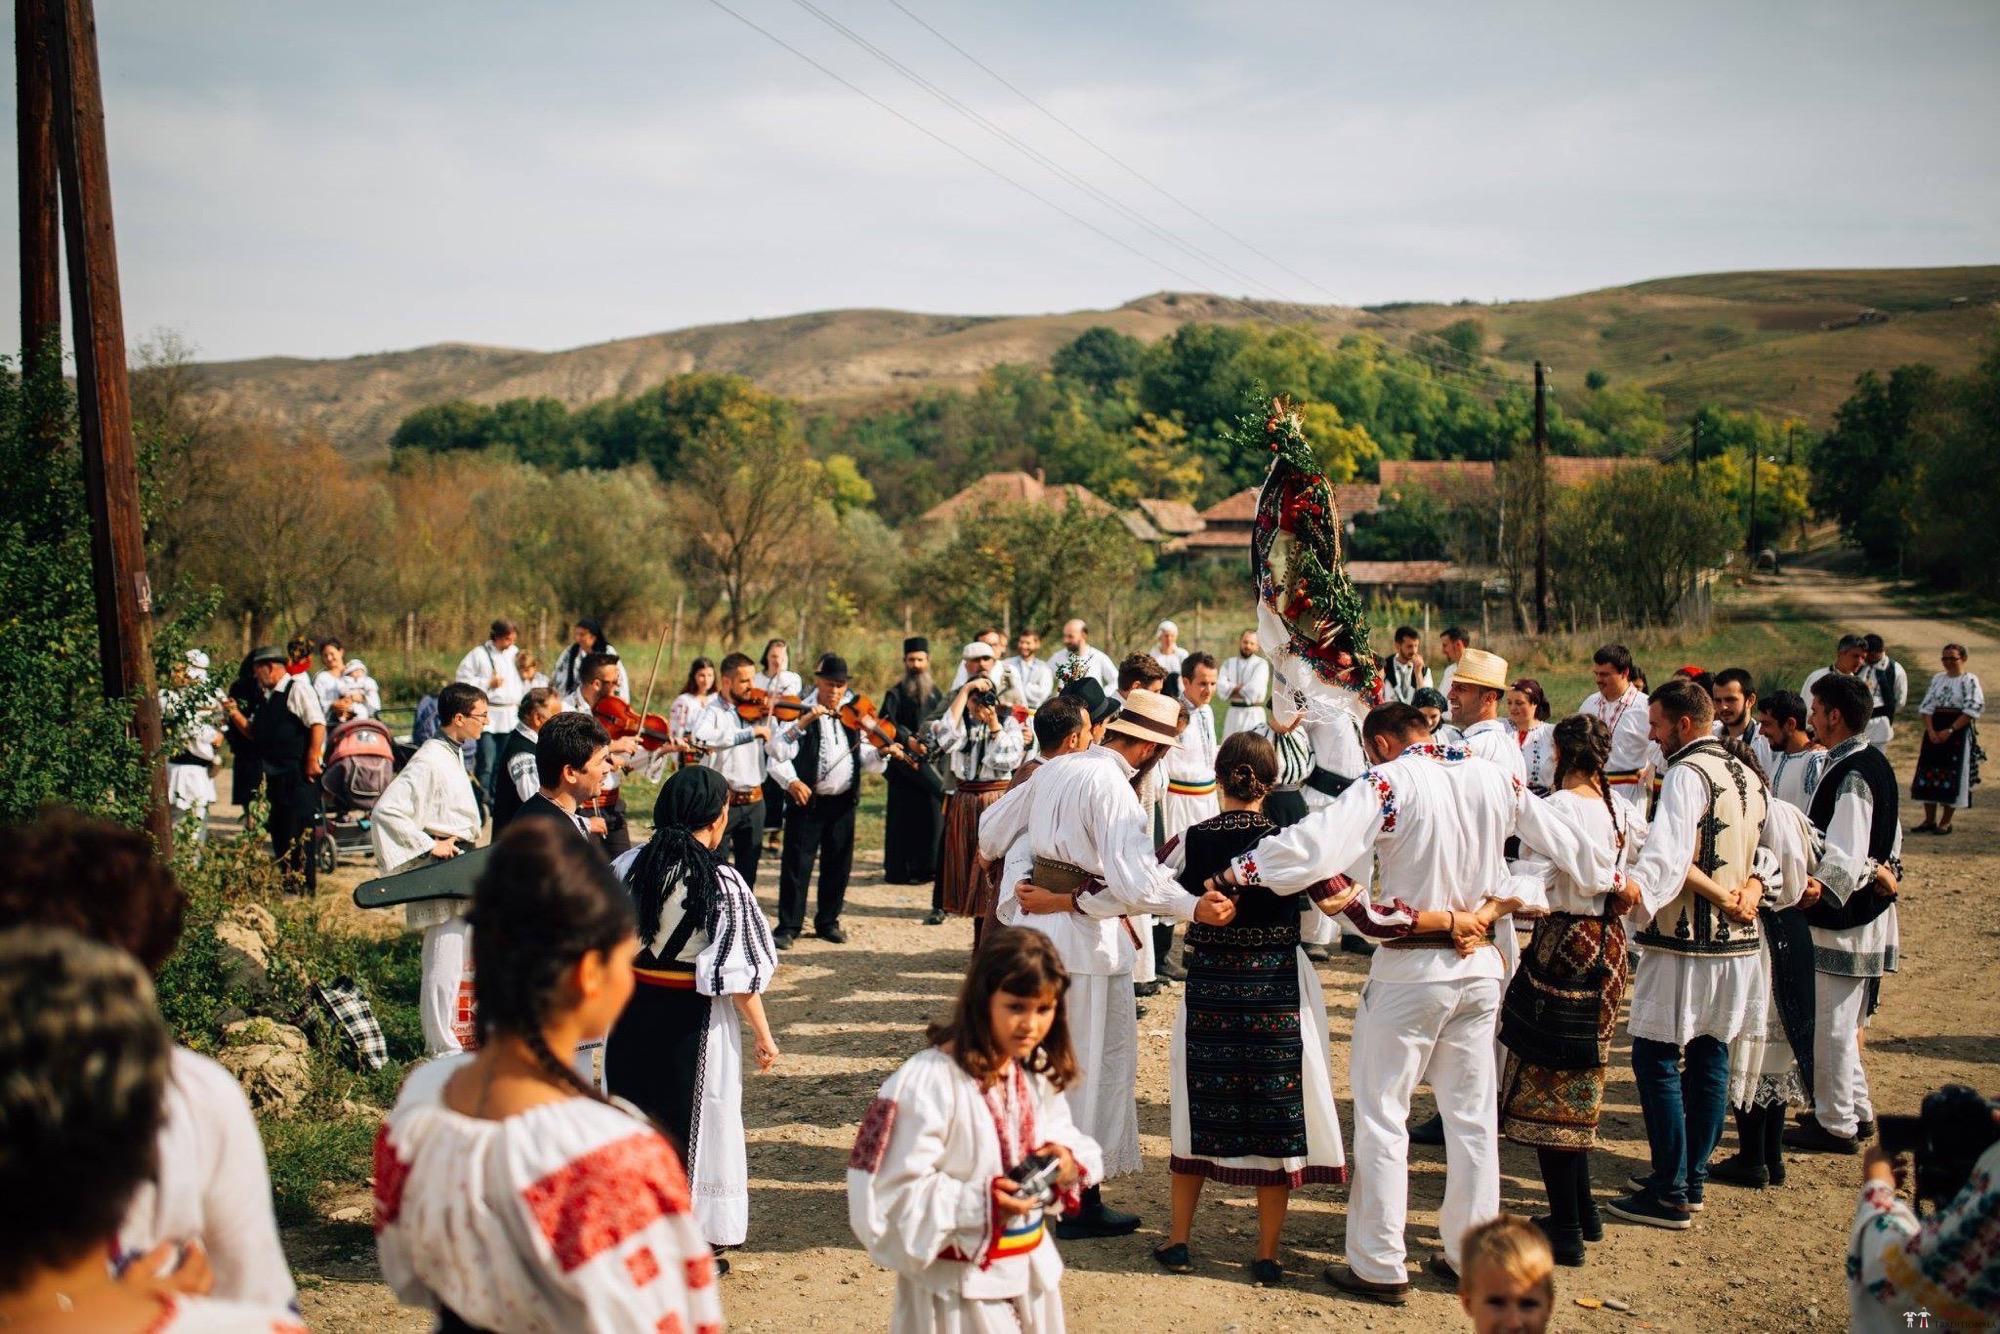 Povești Nunți Tradiționale - Andreea și Sergiu. Nuntă tradițională în Alba-Iulia 15